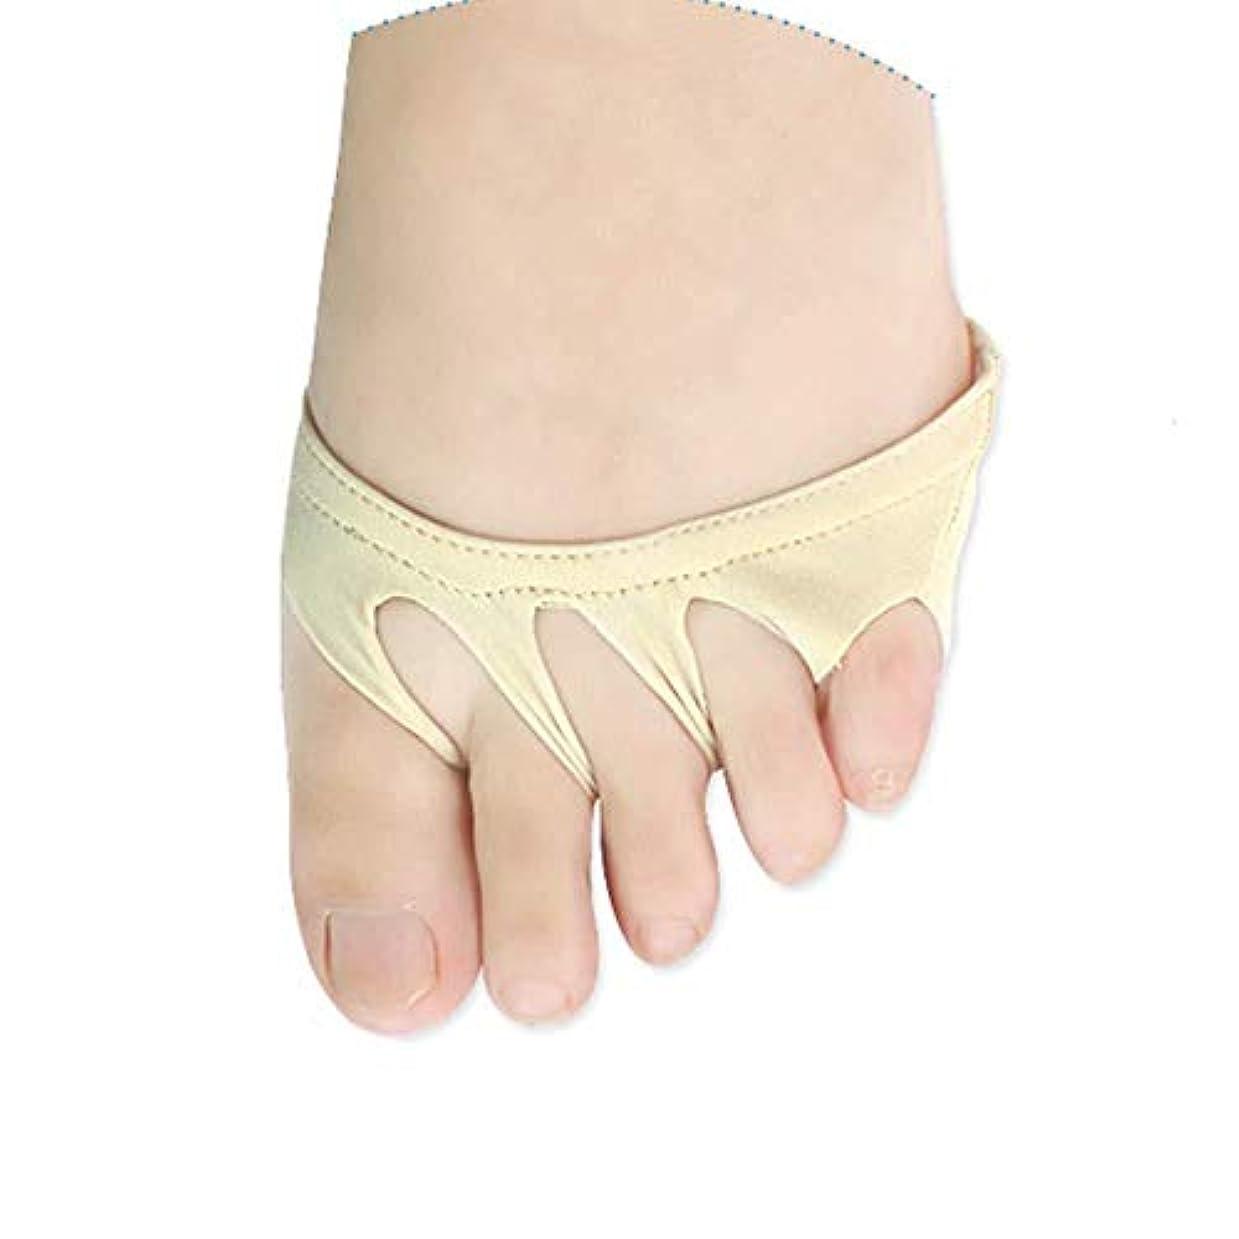 輝く無秩序一杯つま先セパレーター、つま先外反矯正のつま先セパレーターは、痛みを和らげるために親指を使用して外反母hallに毎日適用されます